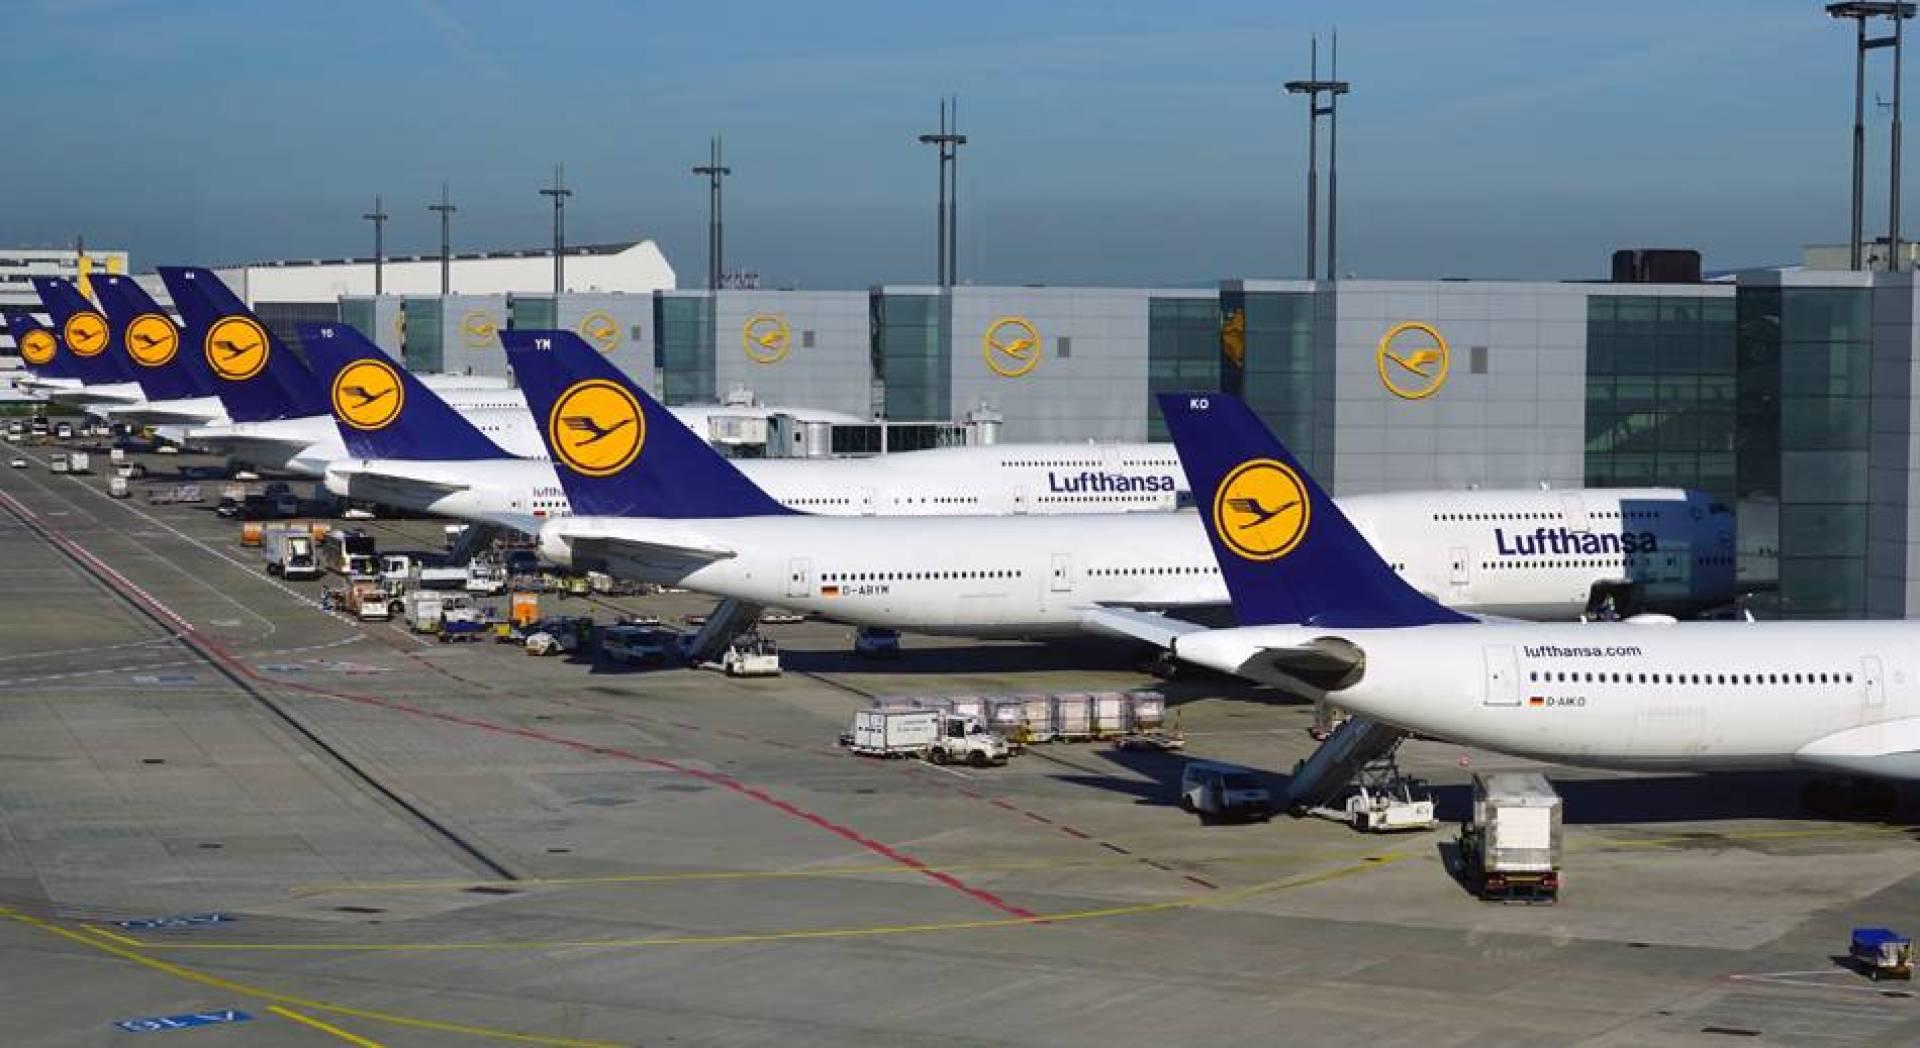 طائرات تابعة للشركة الألمانية للطيران «لوفتهانزا»